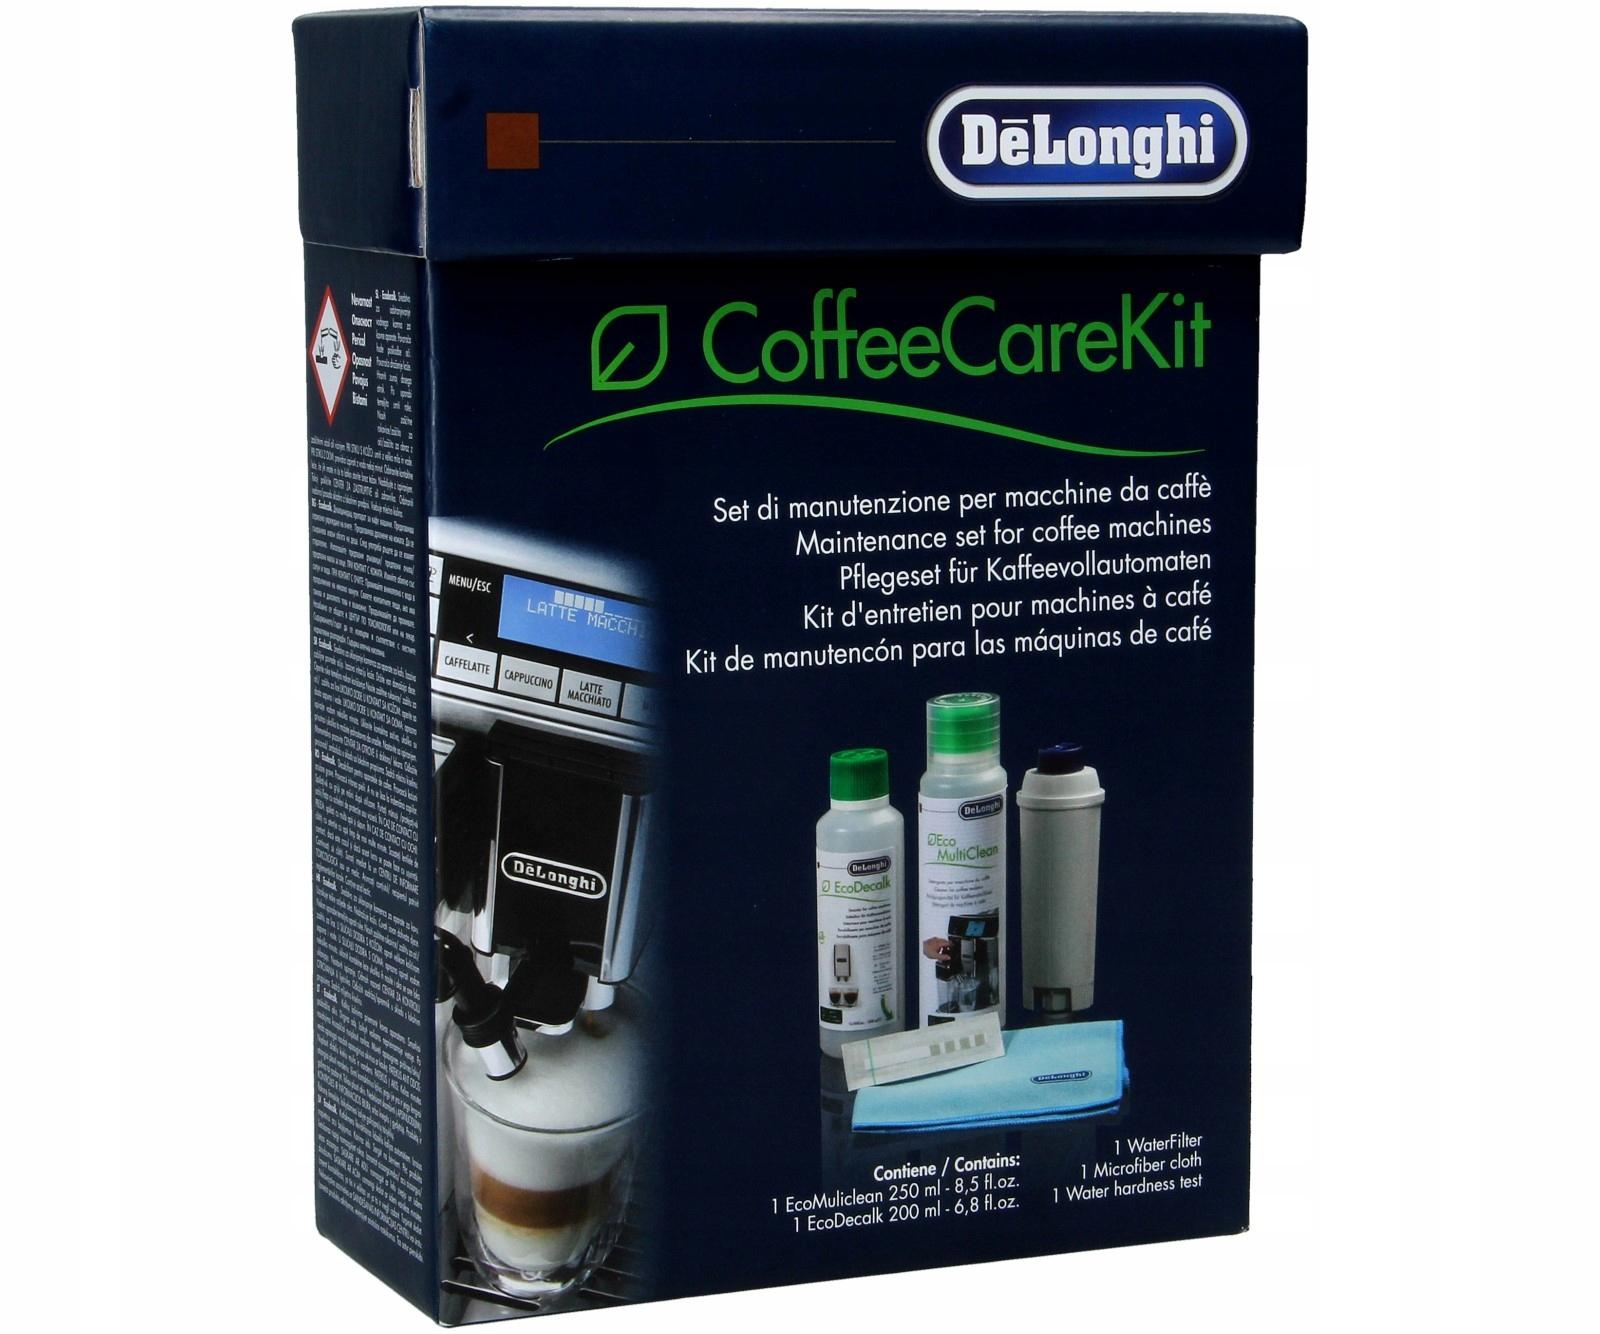 ЖИДКОСТЬ для очистки кофемашины DeLonghi